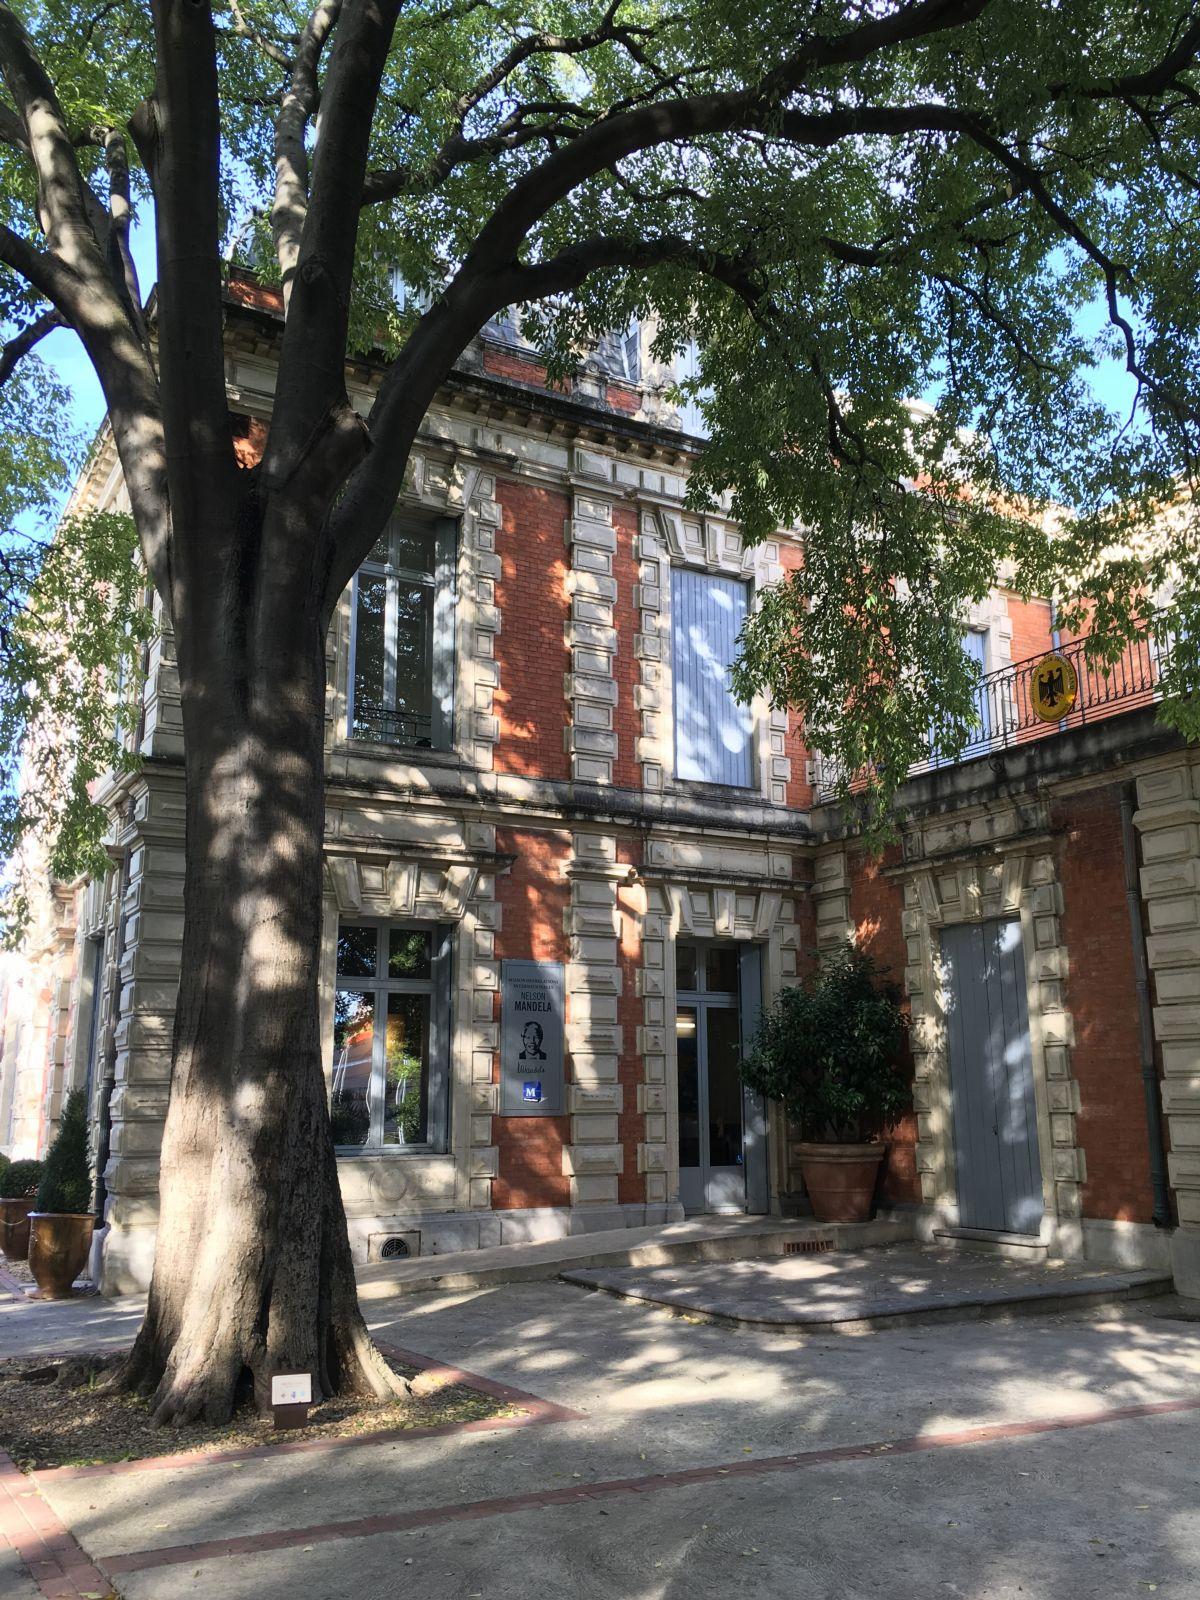 Montpellier p le m le 13 les voyageurs - Jardin suspendu brussels montpellier ...